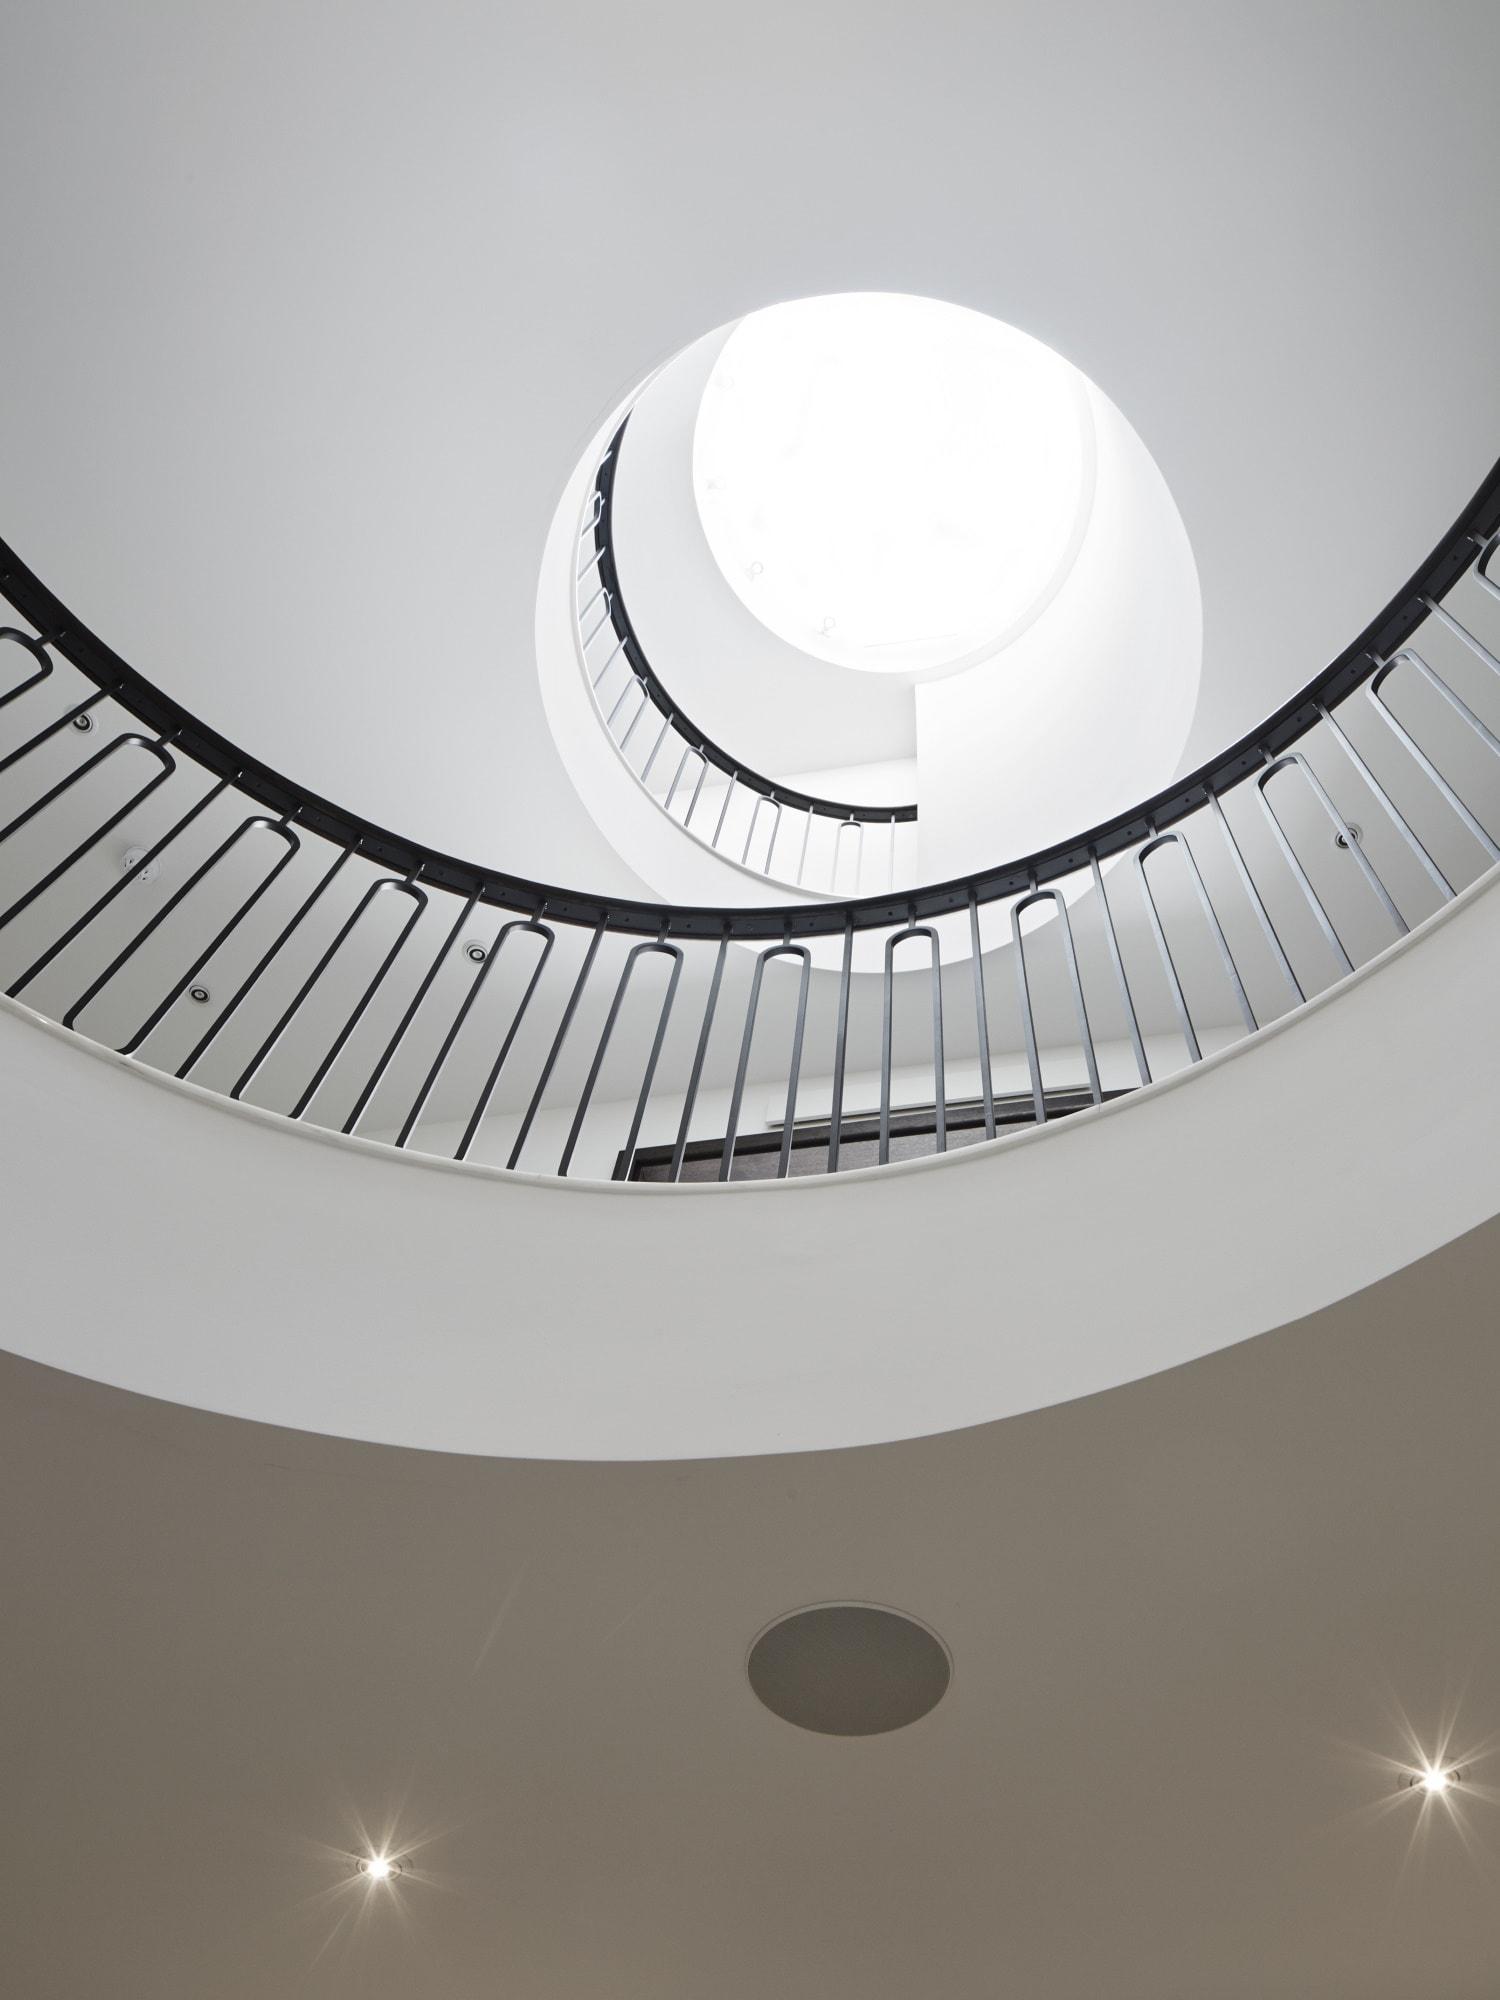 Luxuriöses Treppenhaus mit Oberlicht - Haus Design Inneneinrichtung Luxus Villa ATHERTON von Baufritz - HausbauDirekt.de